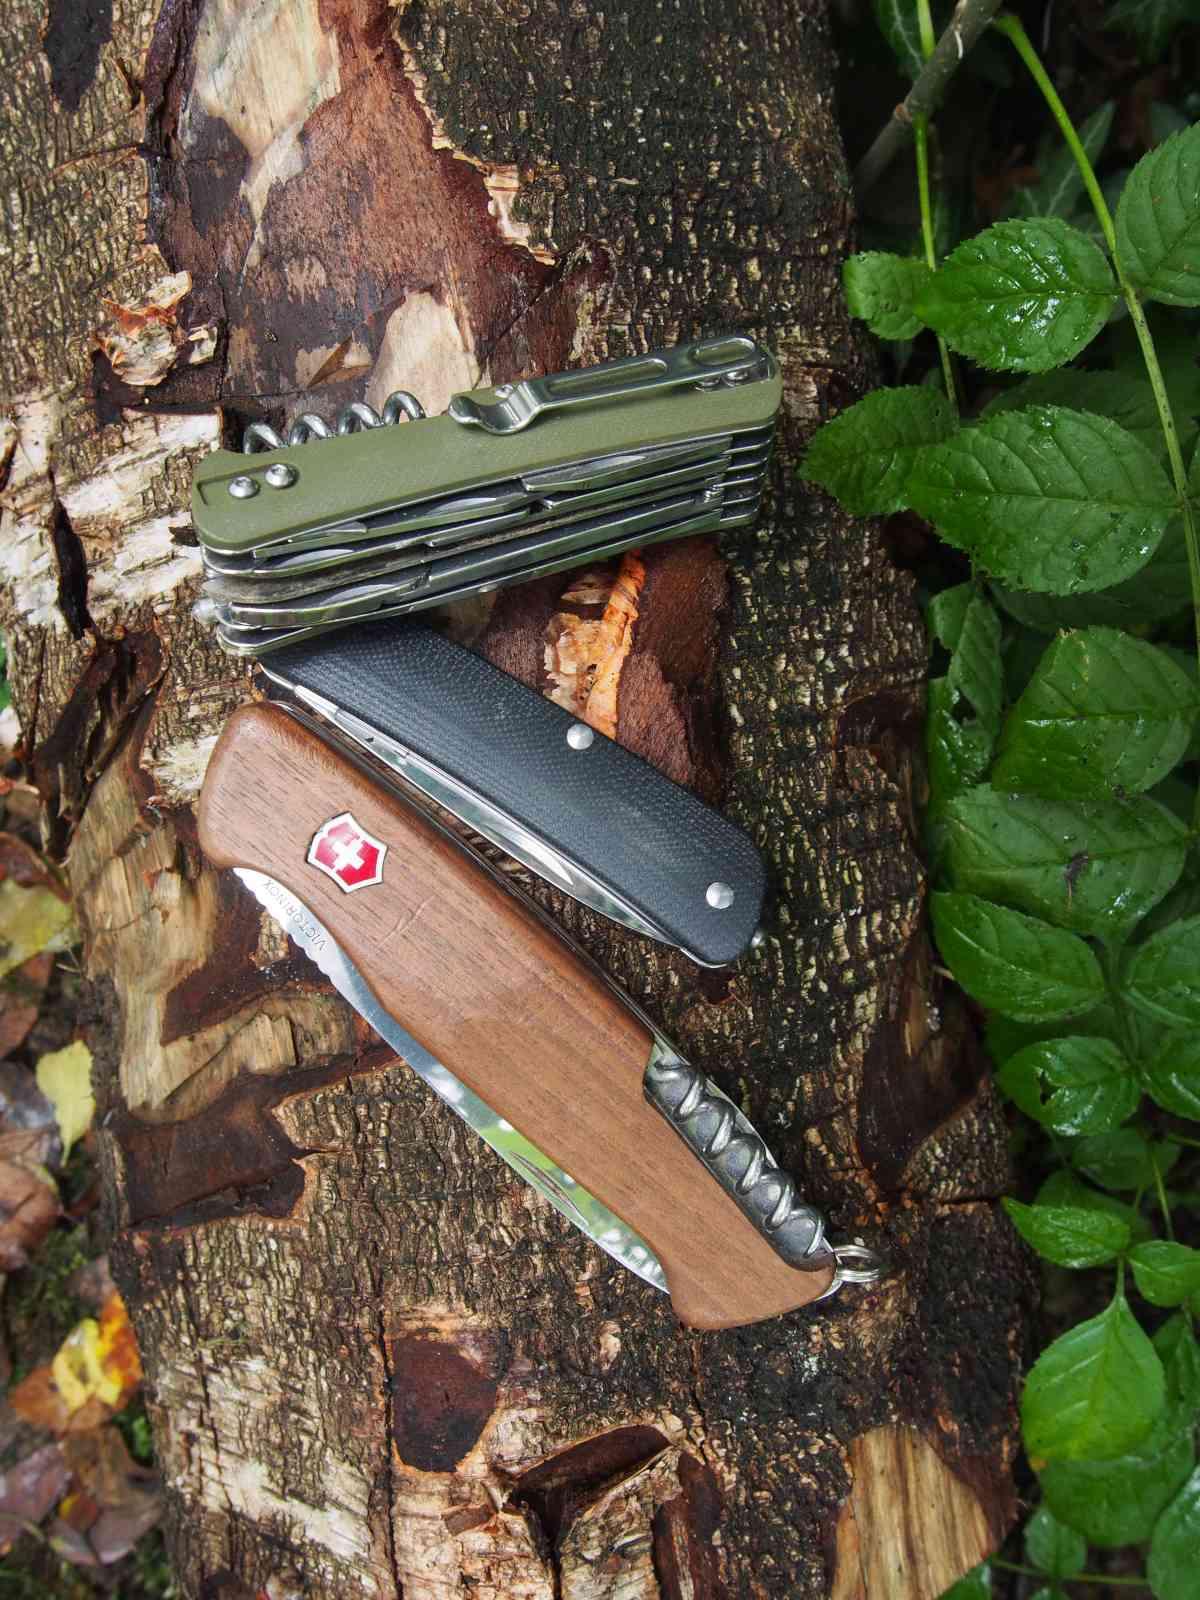 Böker Tech-Tool Outdoor 4 - Zwei Tech-Tools neben dem Victorinox Ranger Wood